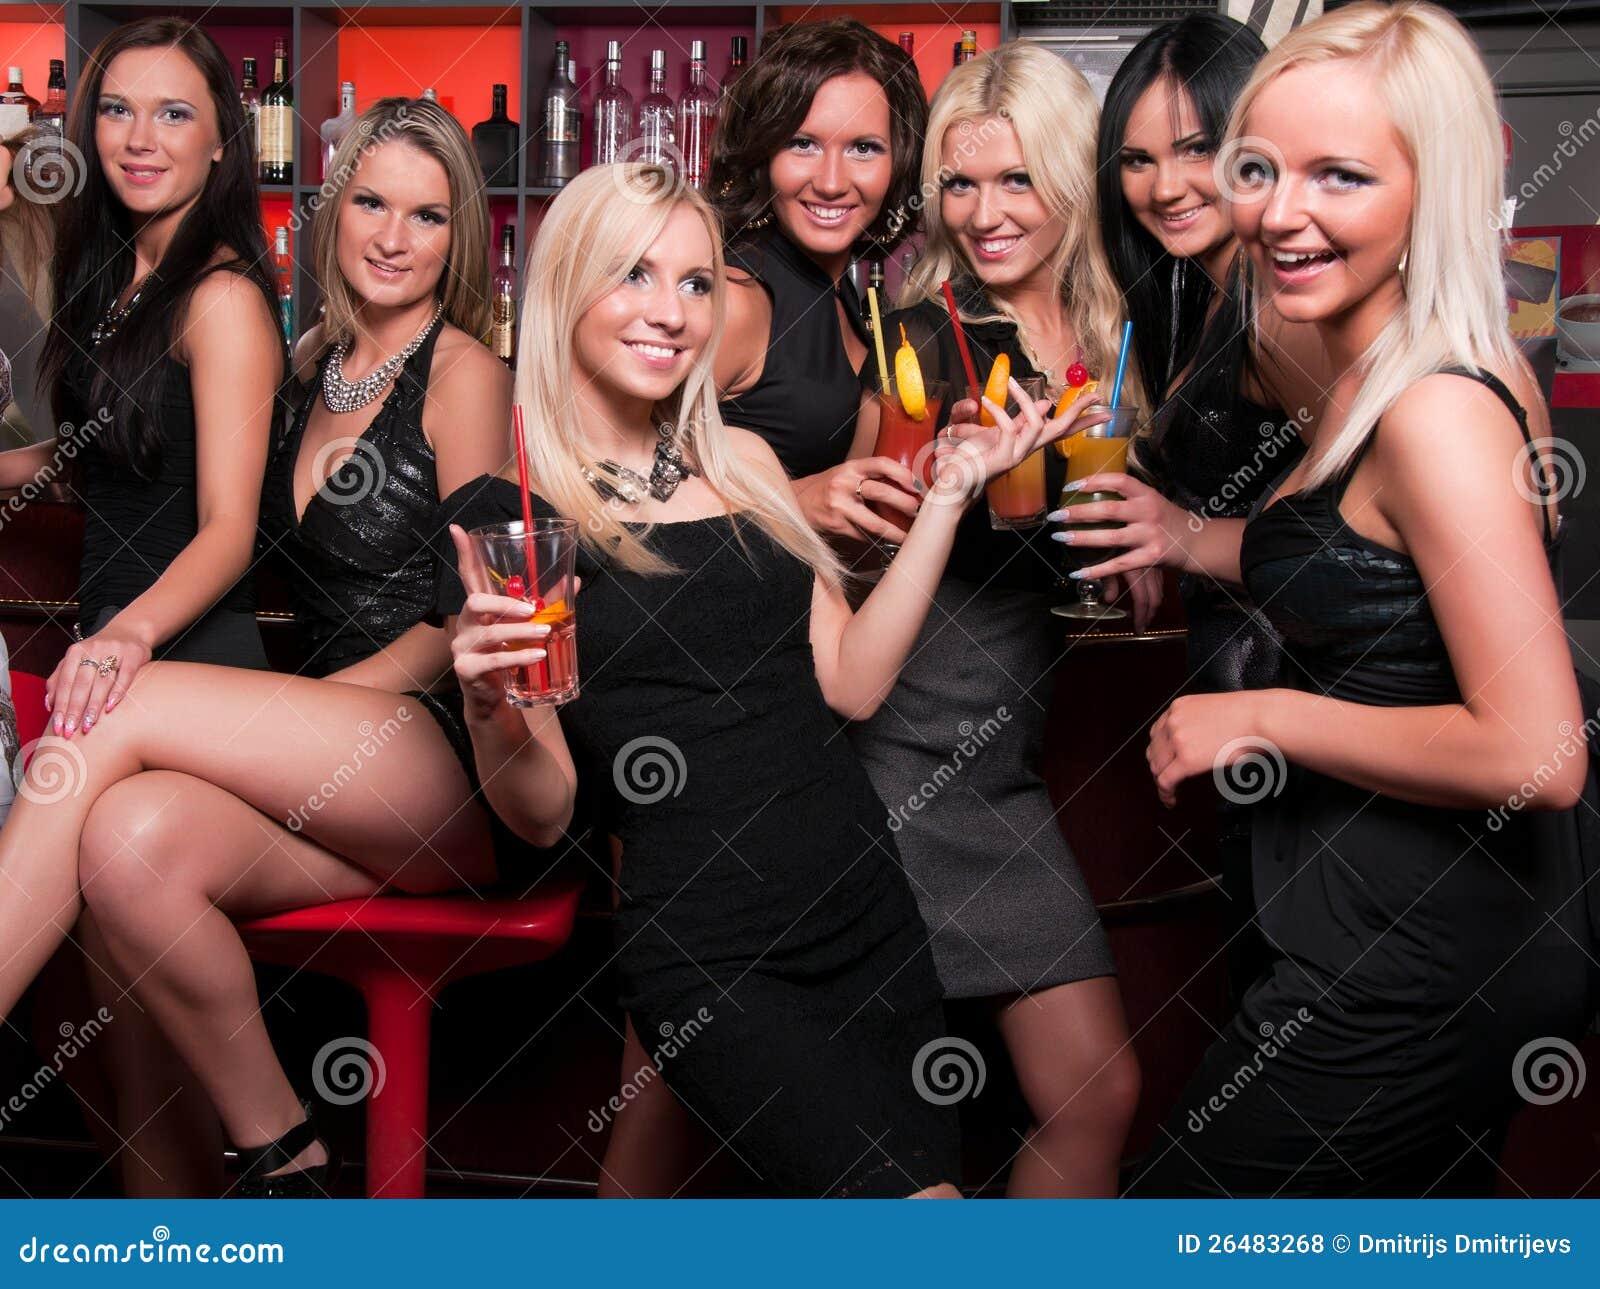 Фото девушек в московских клубах 24 фотография